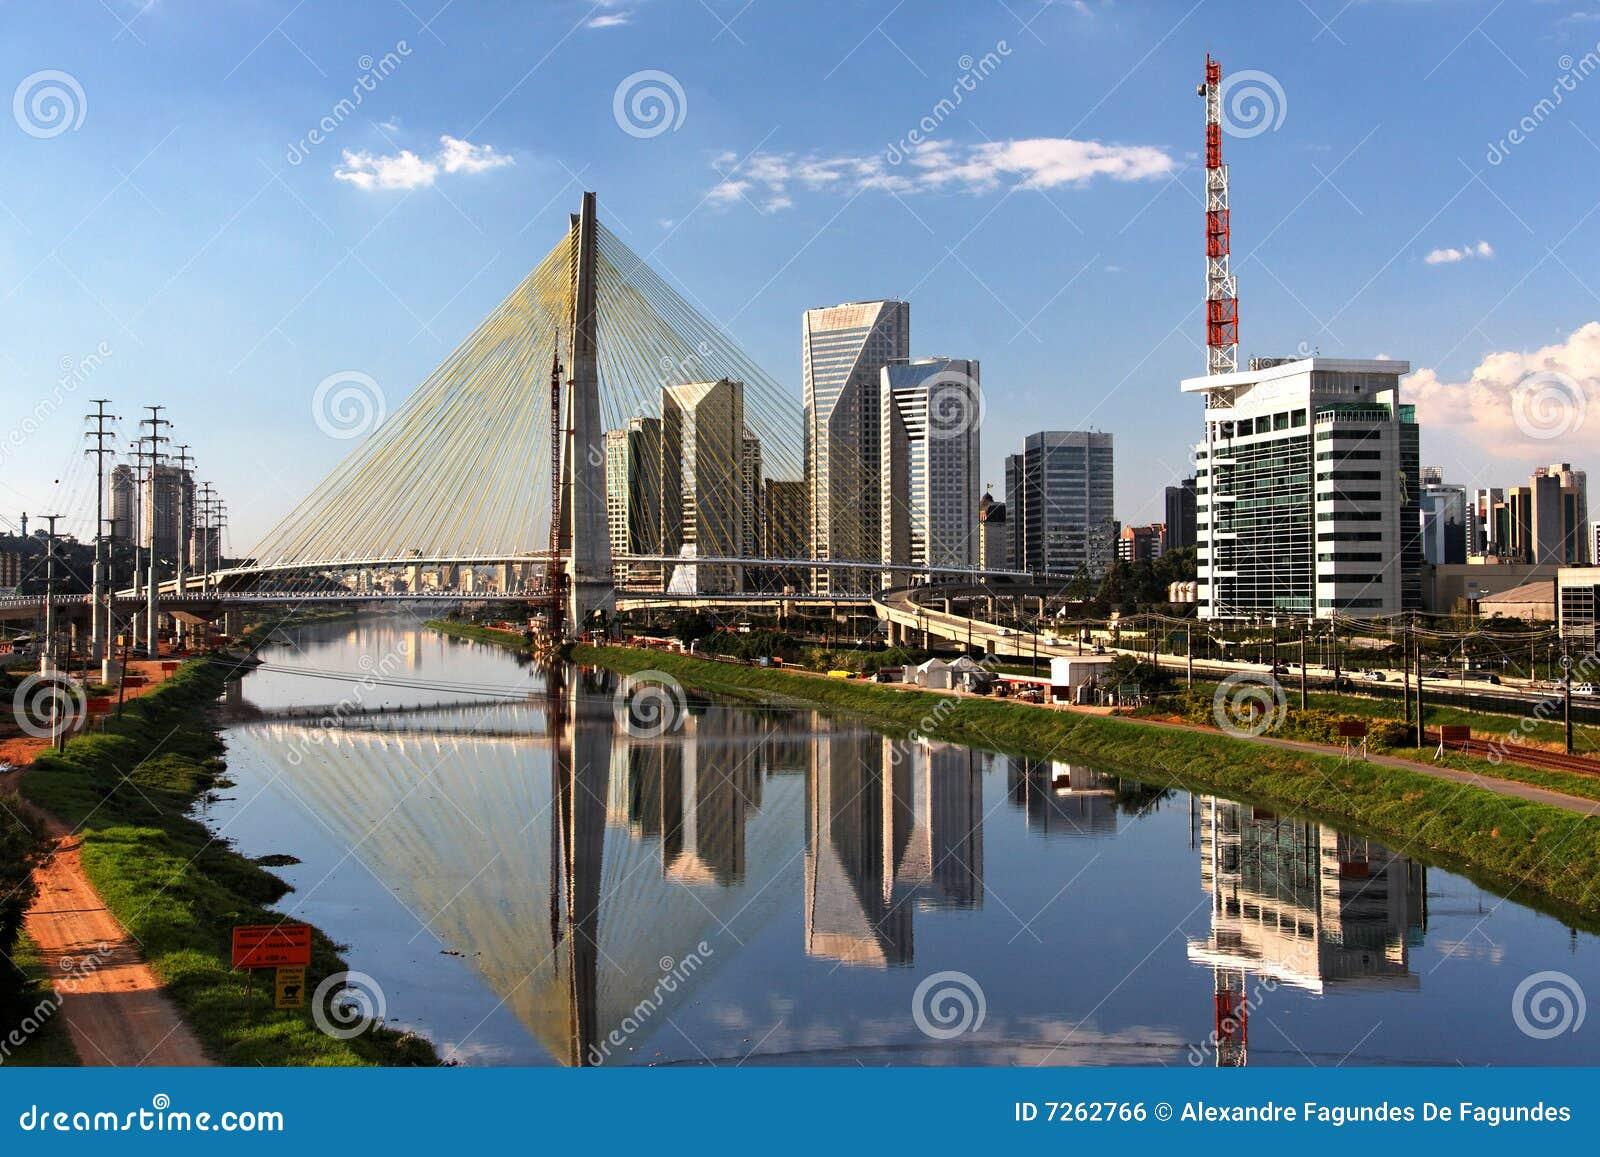 Brazil bridżowy Paulo pinheiros rzeki sao